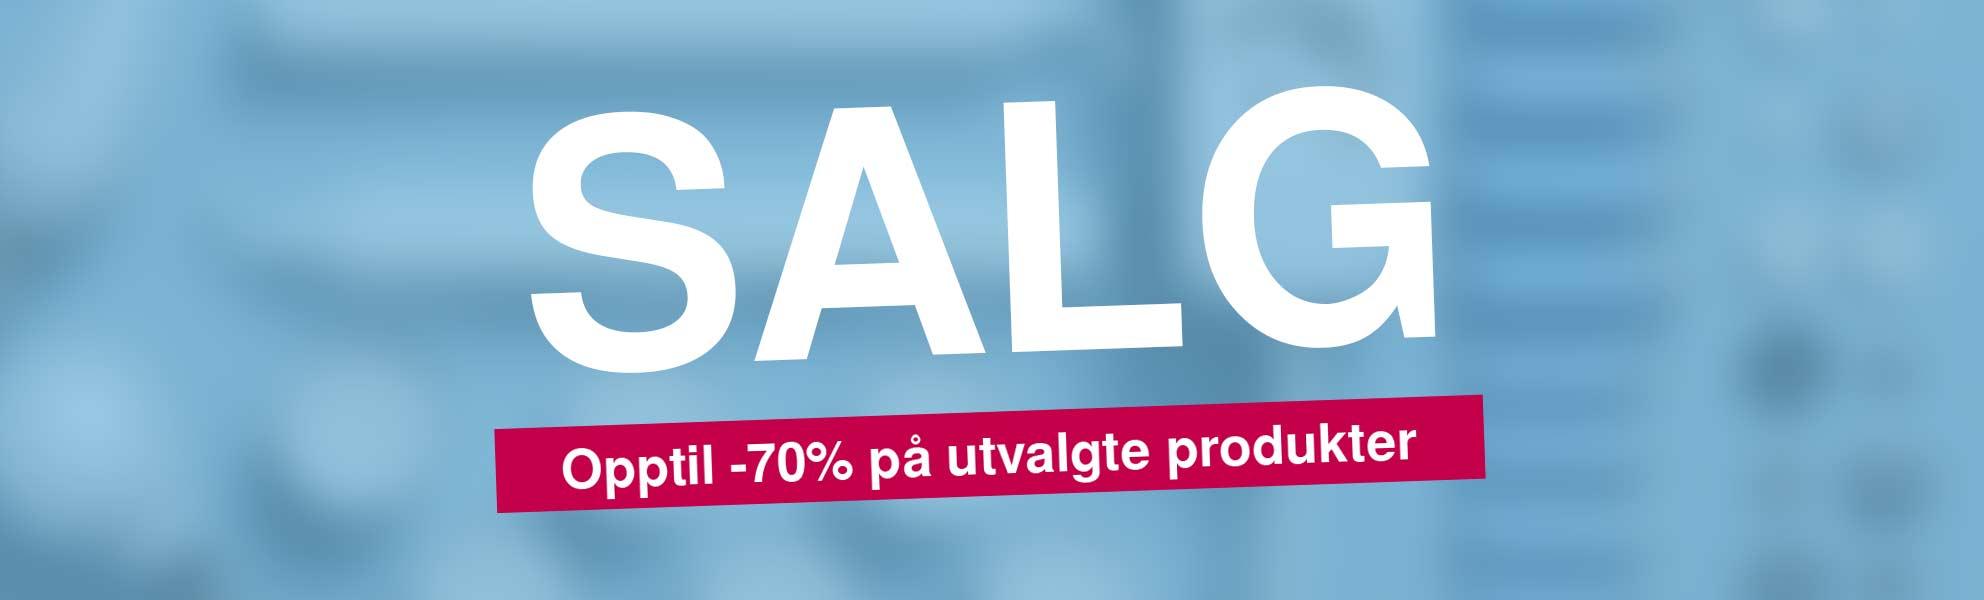 Salg! Upptil -70% på utvalgte produktene